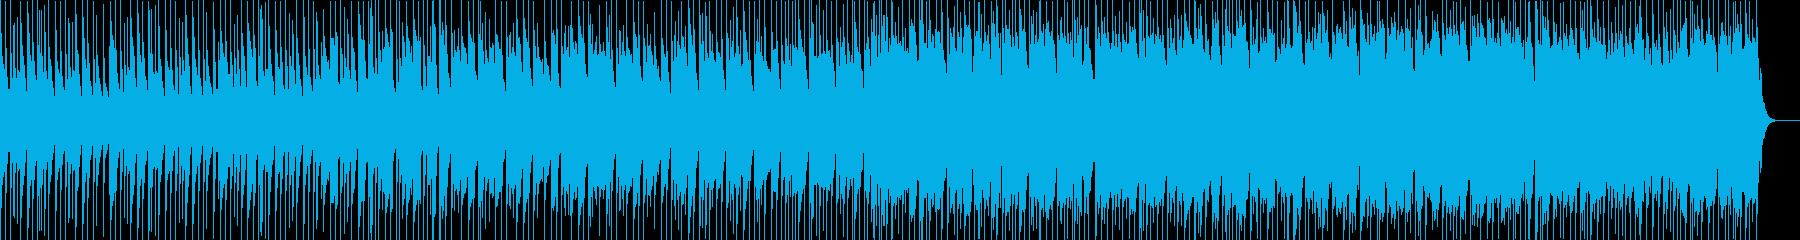 ミステリアスより不思議な感じの曲の再生済みの波形